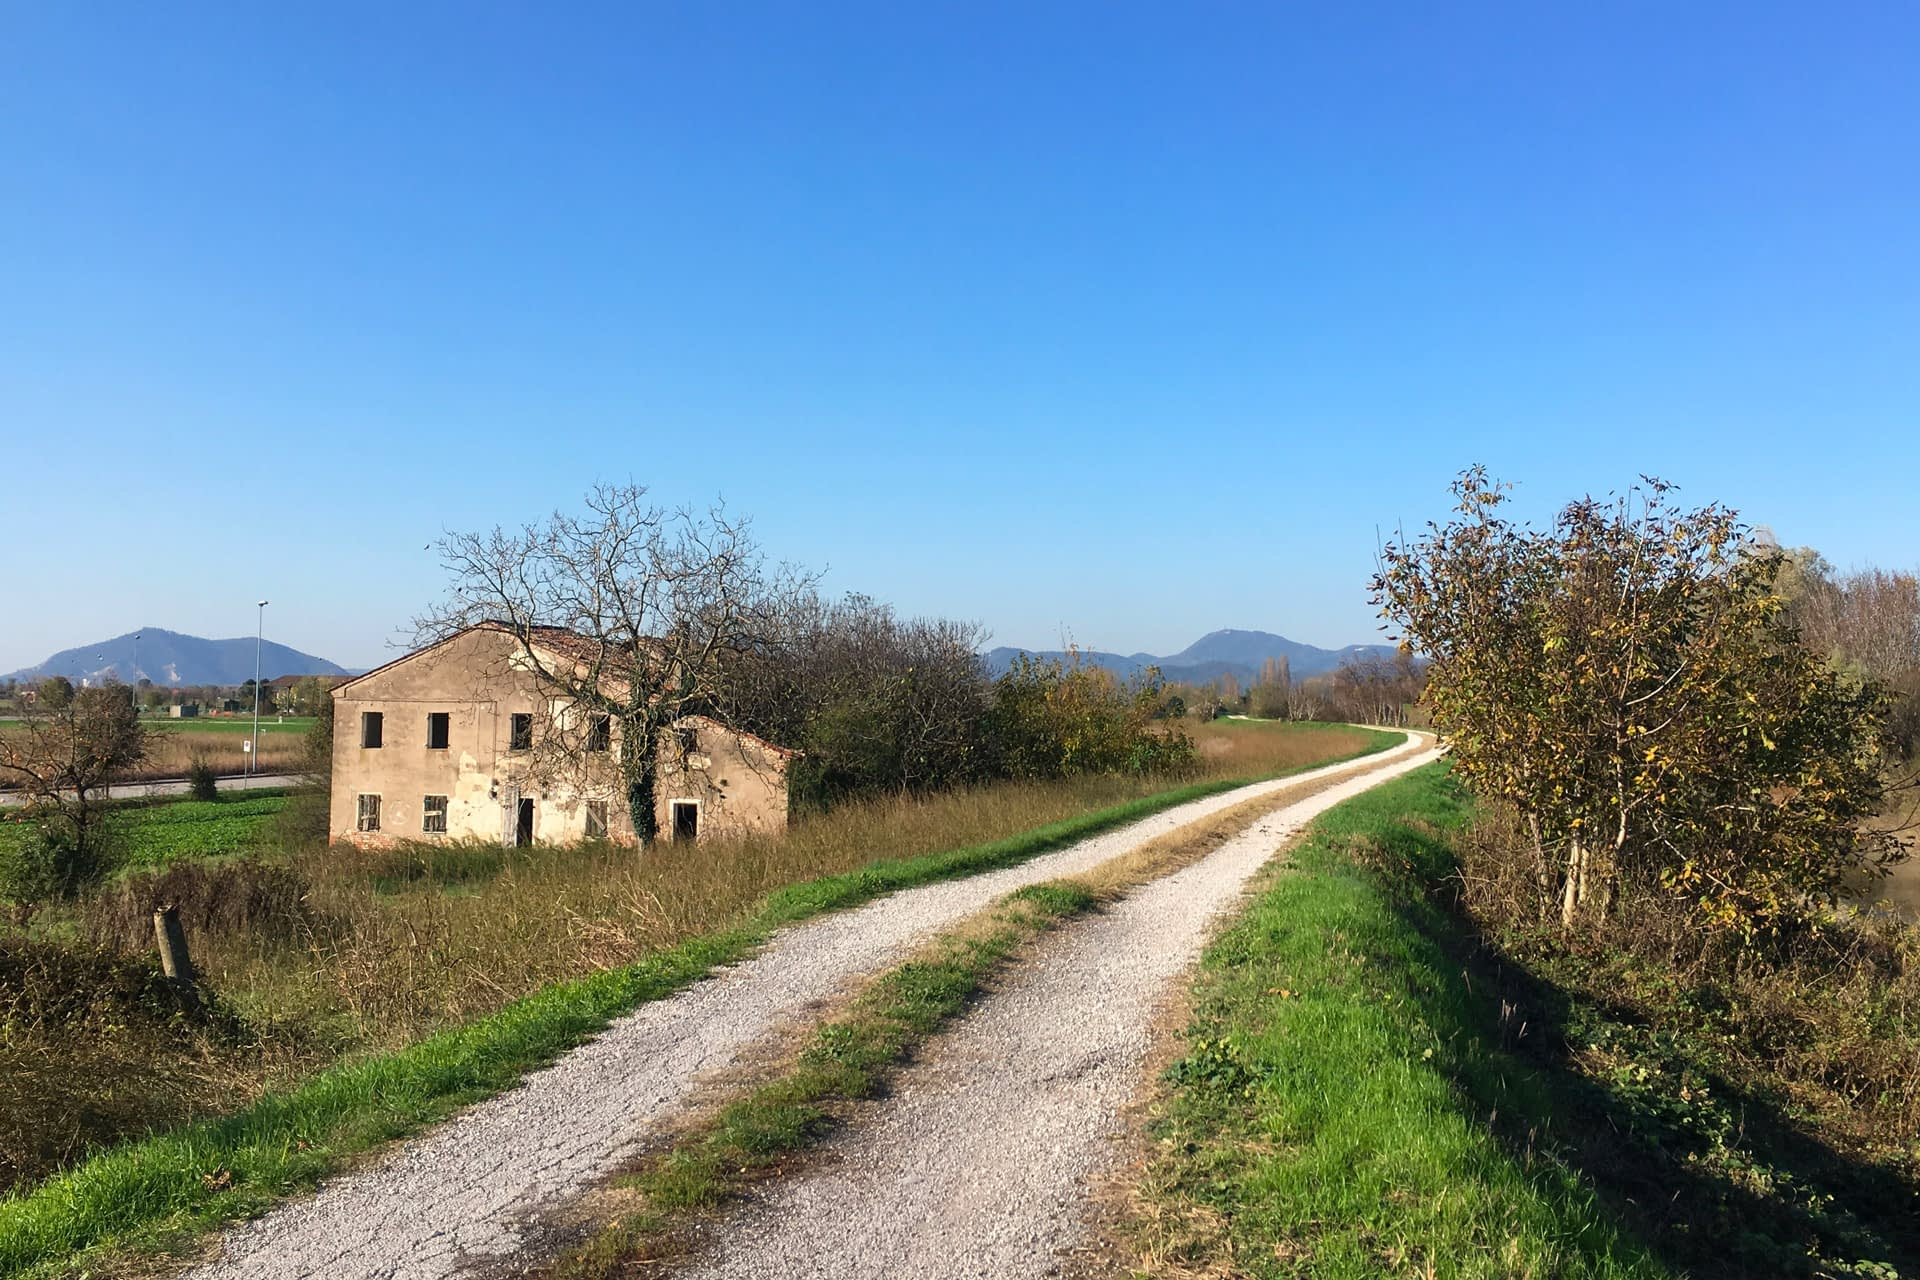 Cartura_Stradina di campagna con Colli Euganei sullo sfondo